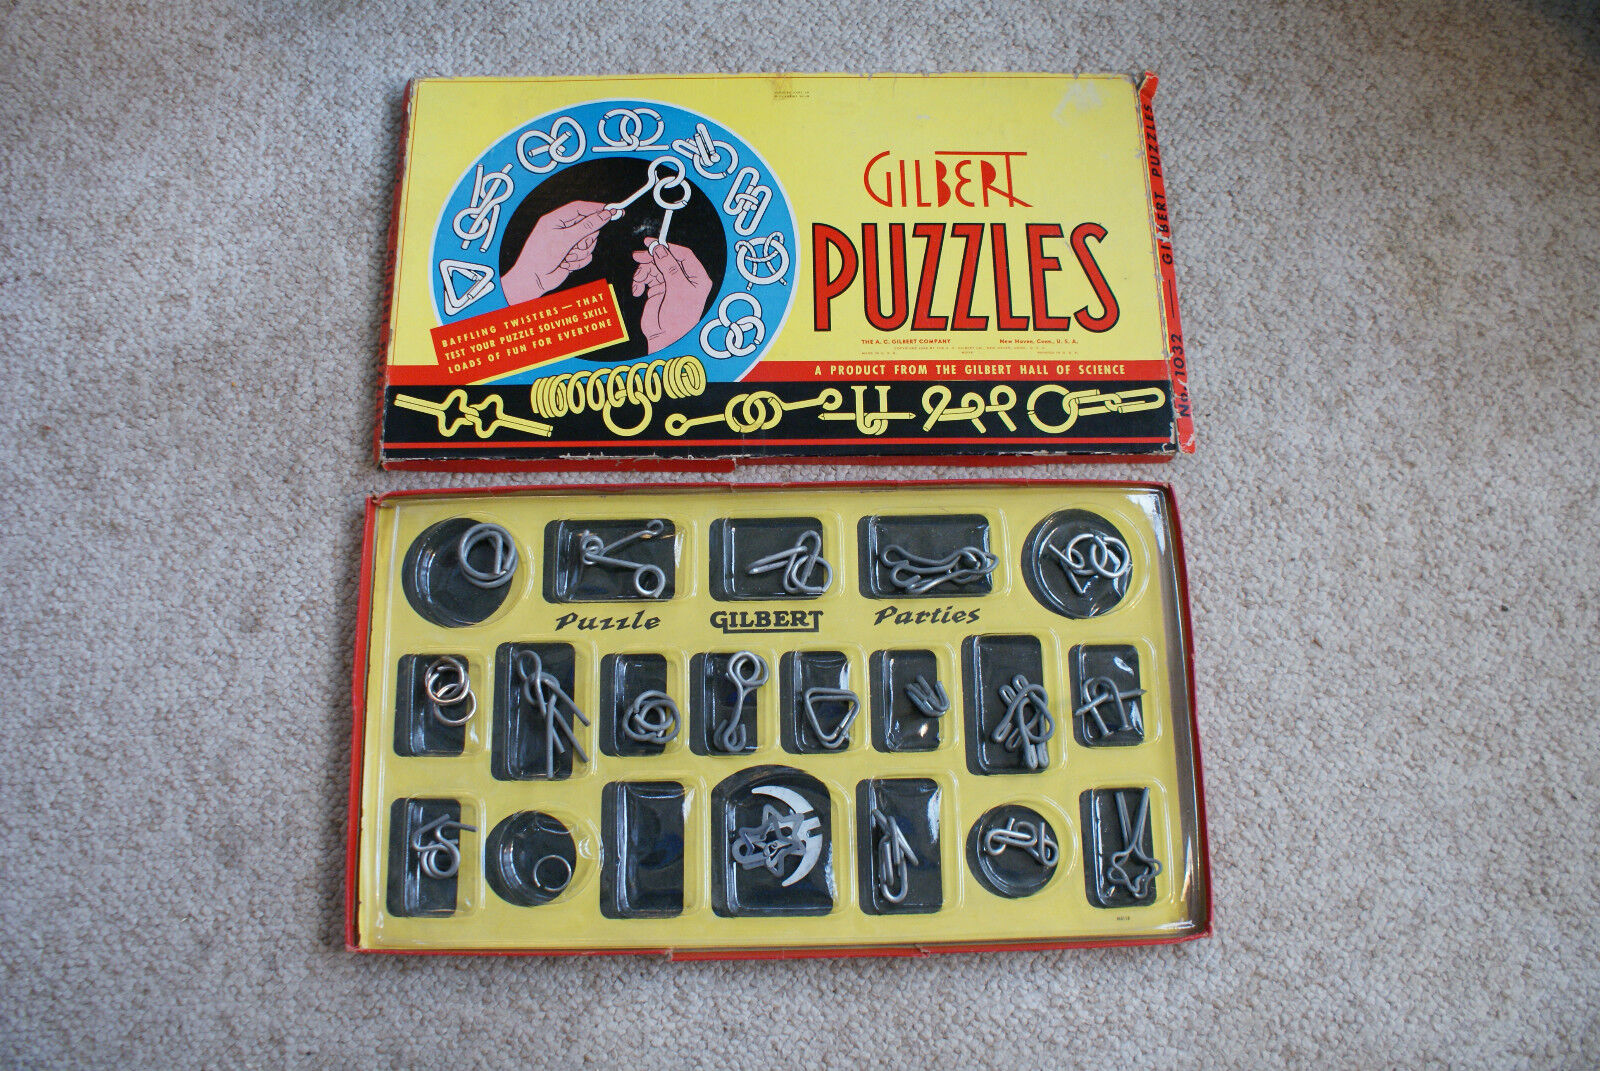 Antiguo De Colección 1940 Puzzles de Gilbert partes Caja de juegos de la mente cerebro Teaser Toys